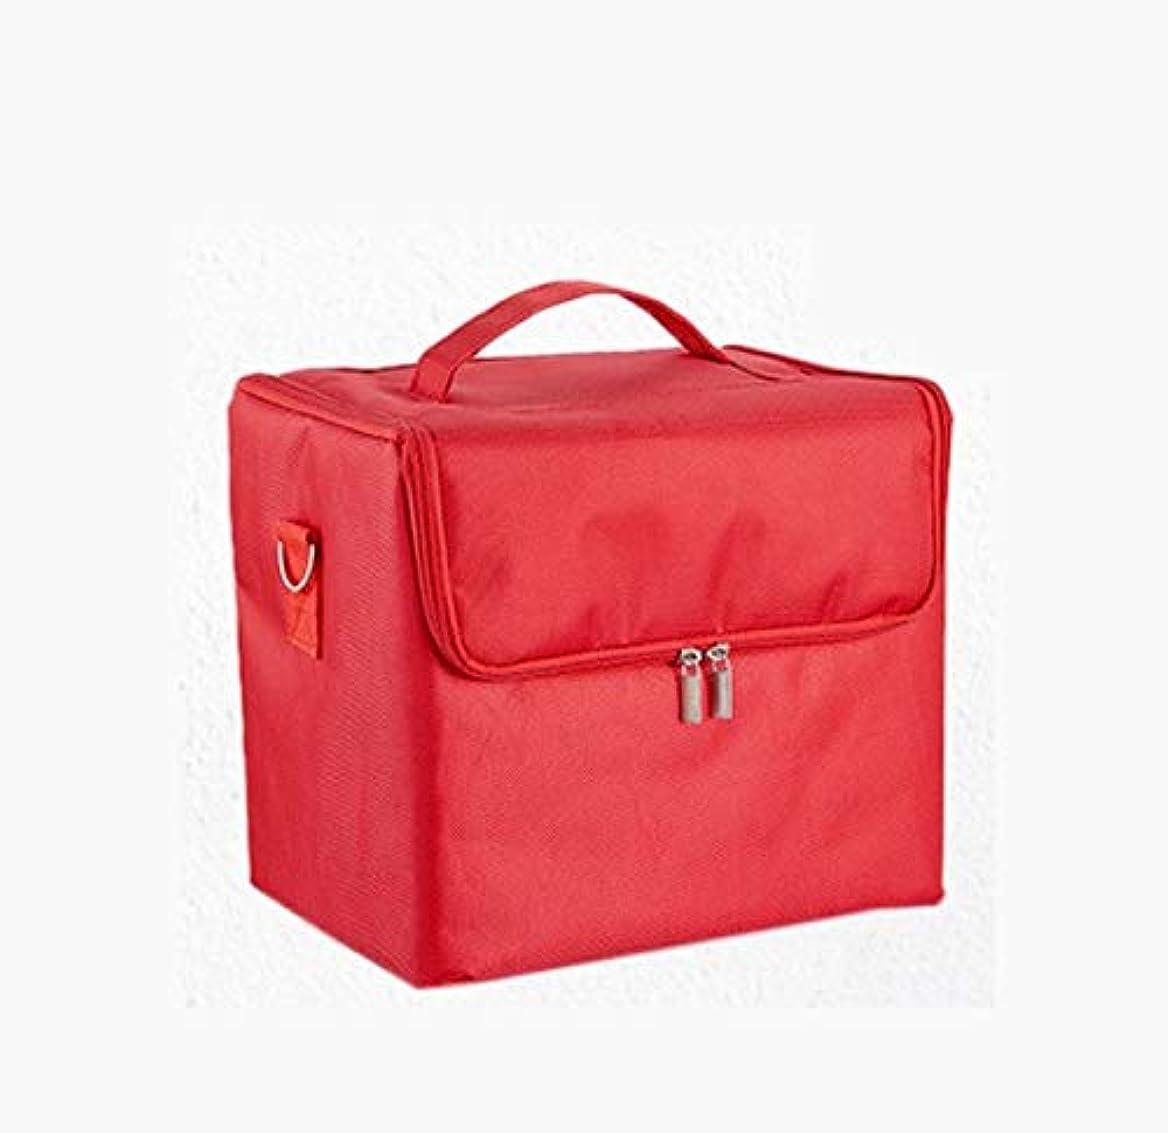 罪悪感ミキサー待つ化粧箱、大容量多機能防水化粧品ケース、携帯用旅行化粧品袋収納袋、美容化粧ネイルジュエリー収納箱 (Color : Red)